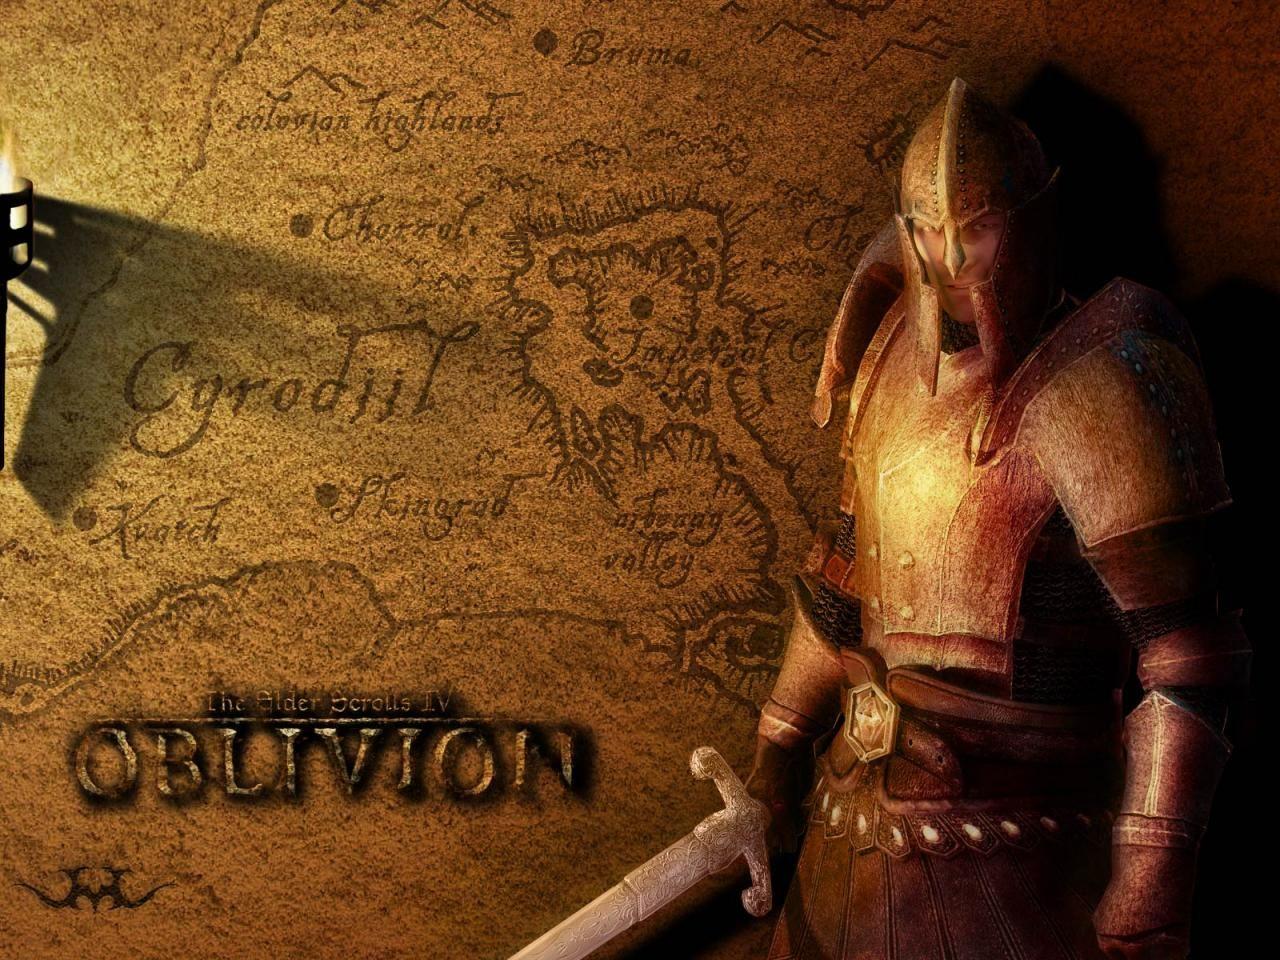 Oblivion Wallpaper Elder Scrolls Oblivion Elder Scrolls Oblivion